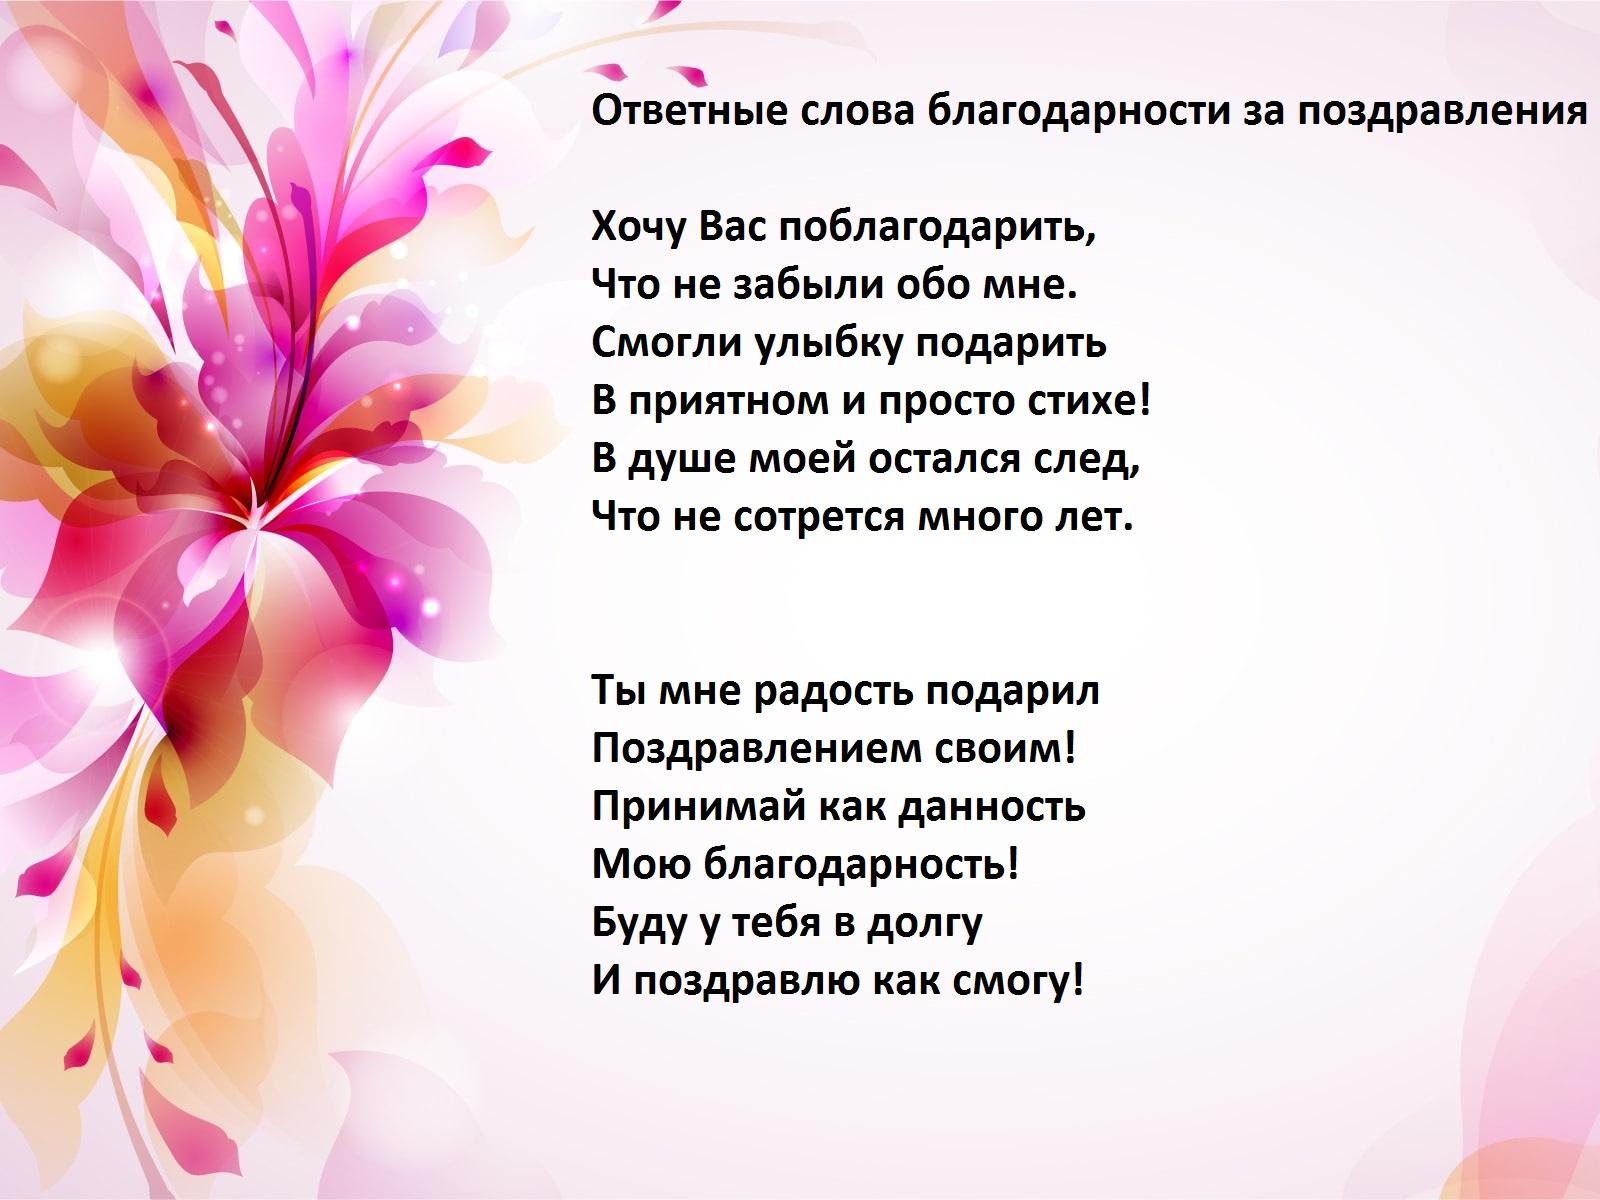 на казахском спасибо за поздравления вариант интересного